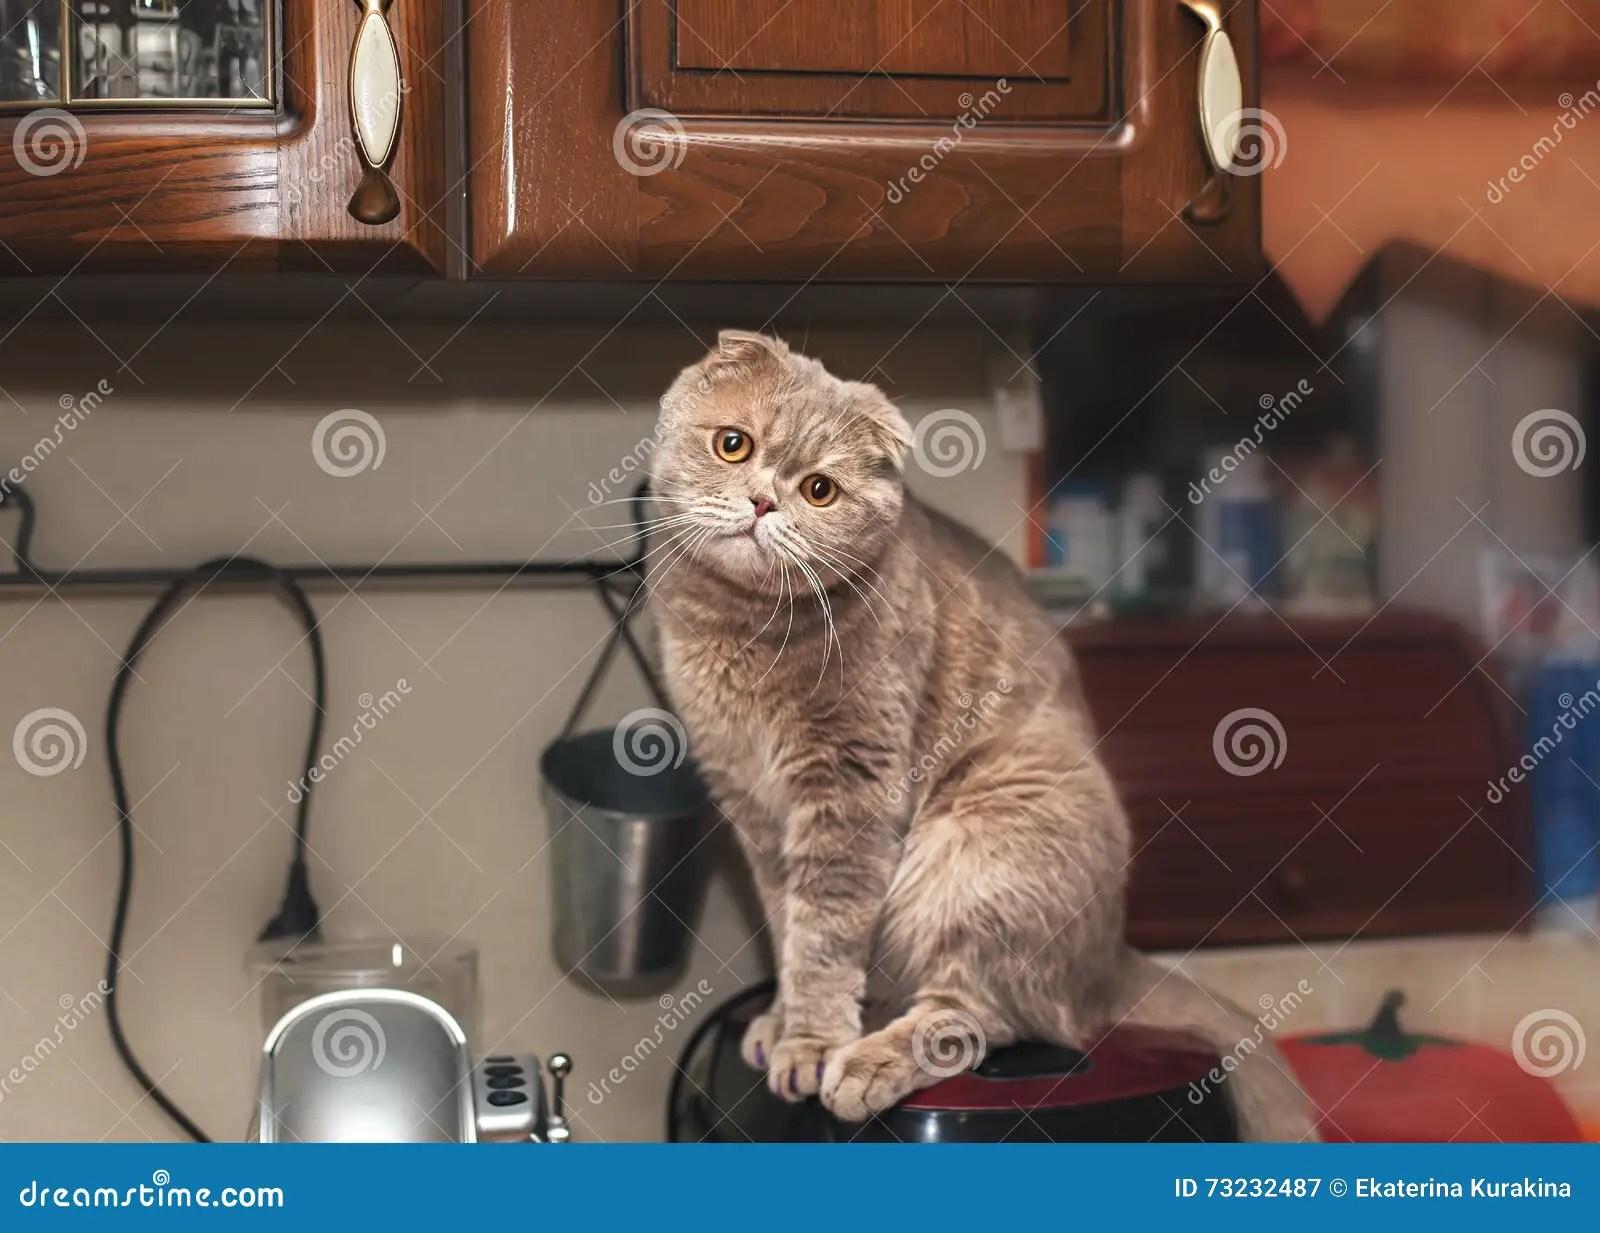 cats in the kitchen modern light fixtures 滑稽的猫在厨房里库存图片 图片包括有纵向 宠物 头发 厨房 逗人喜爱 滑稽的猫在厨房里